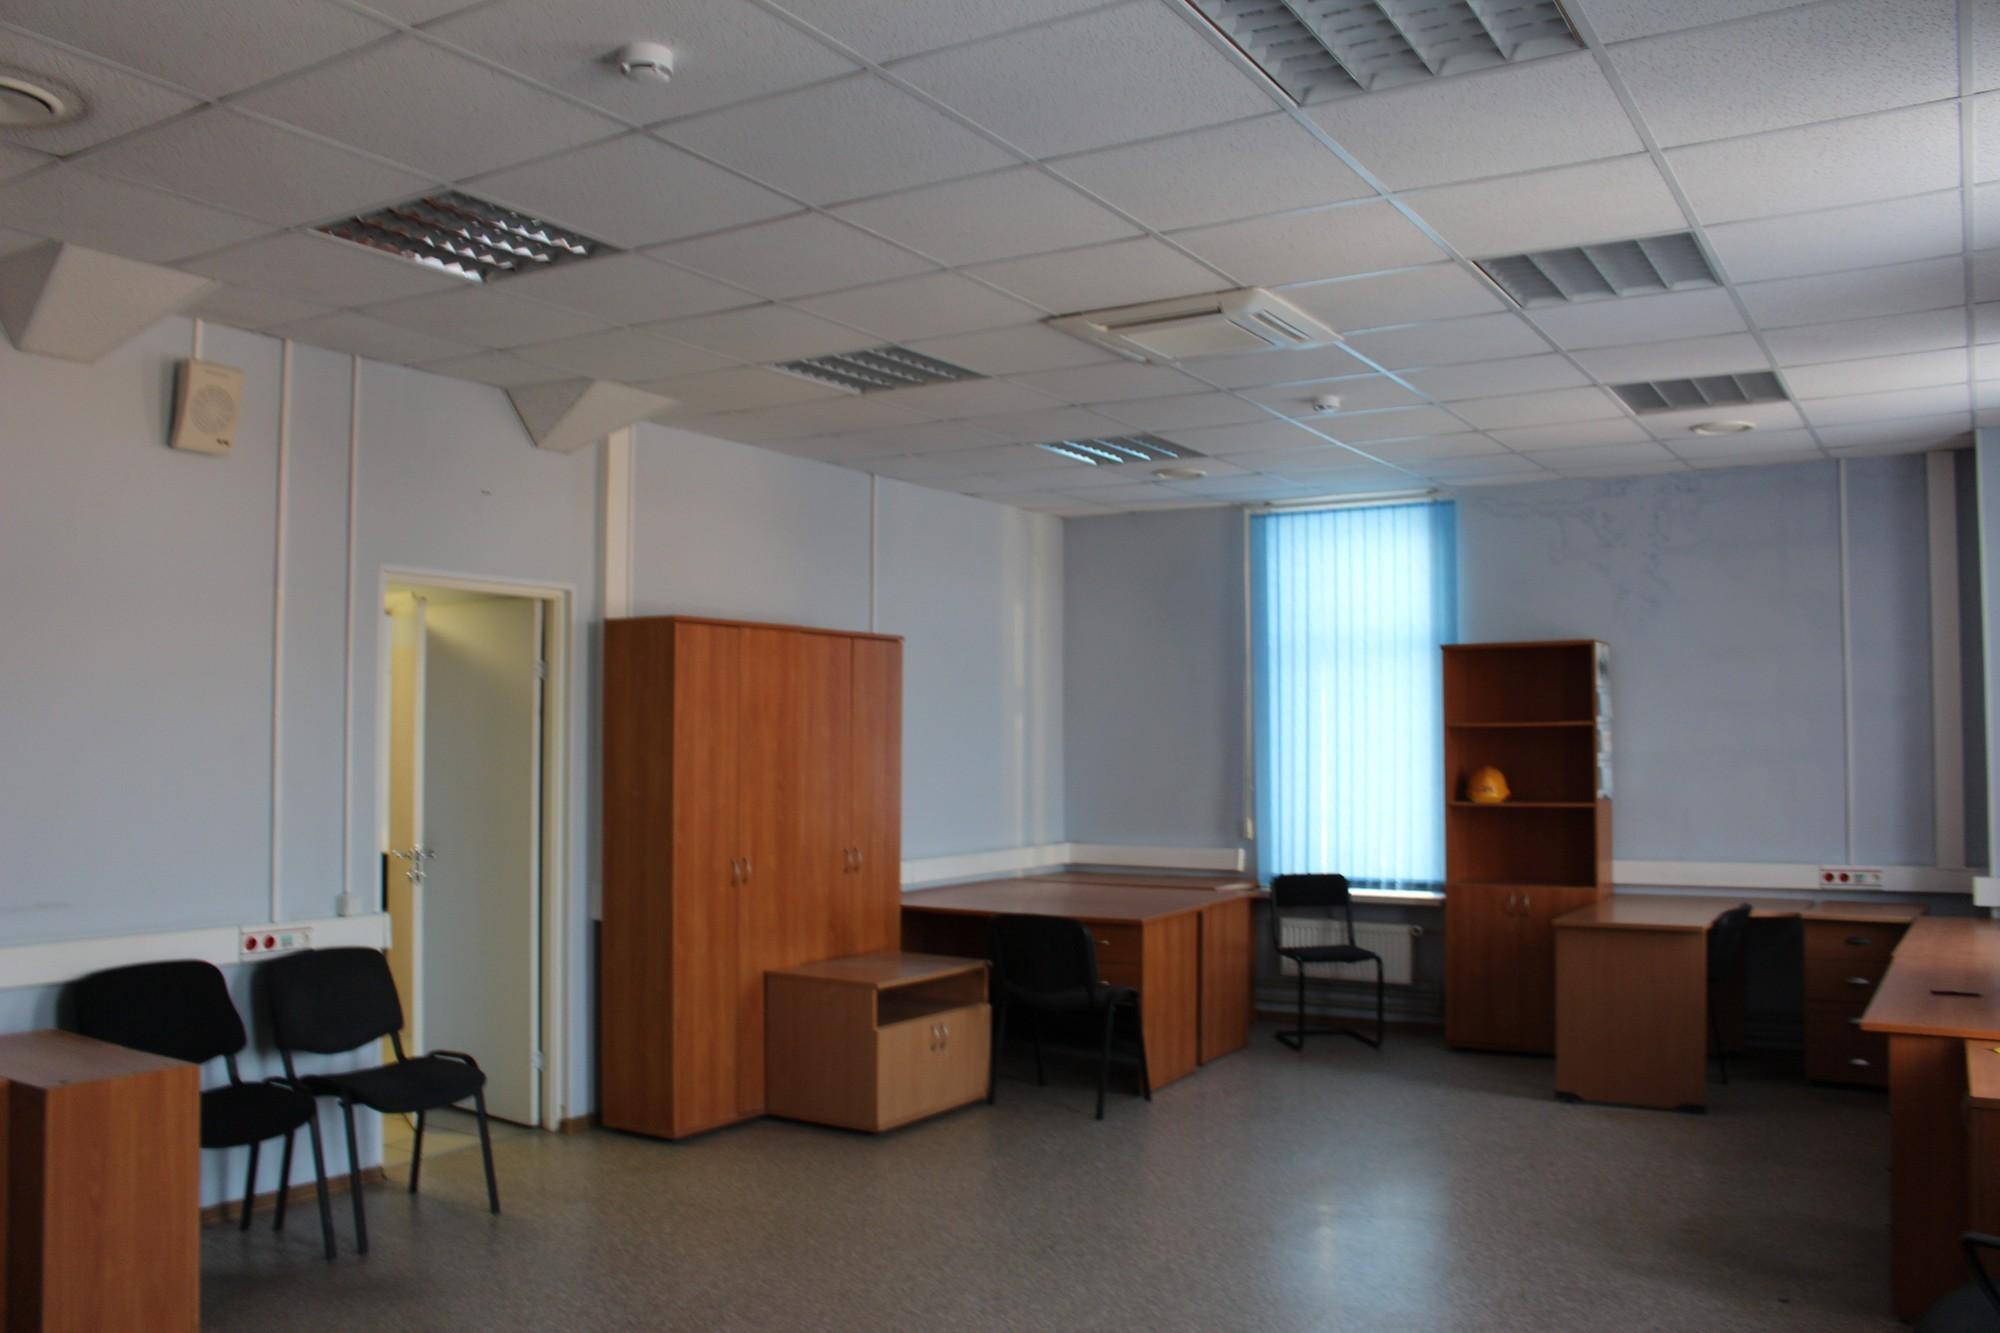 Аренда офиса с мебелью в санкт петербурге коммерческая недвижимость стоимость 1 метра